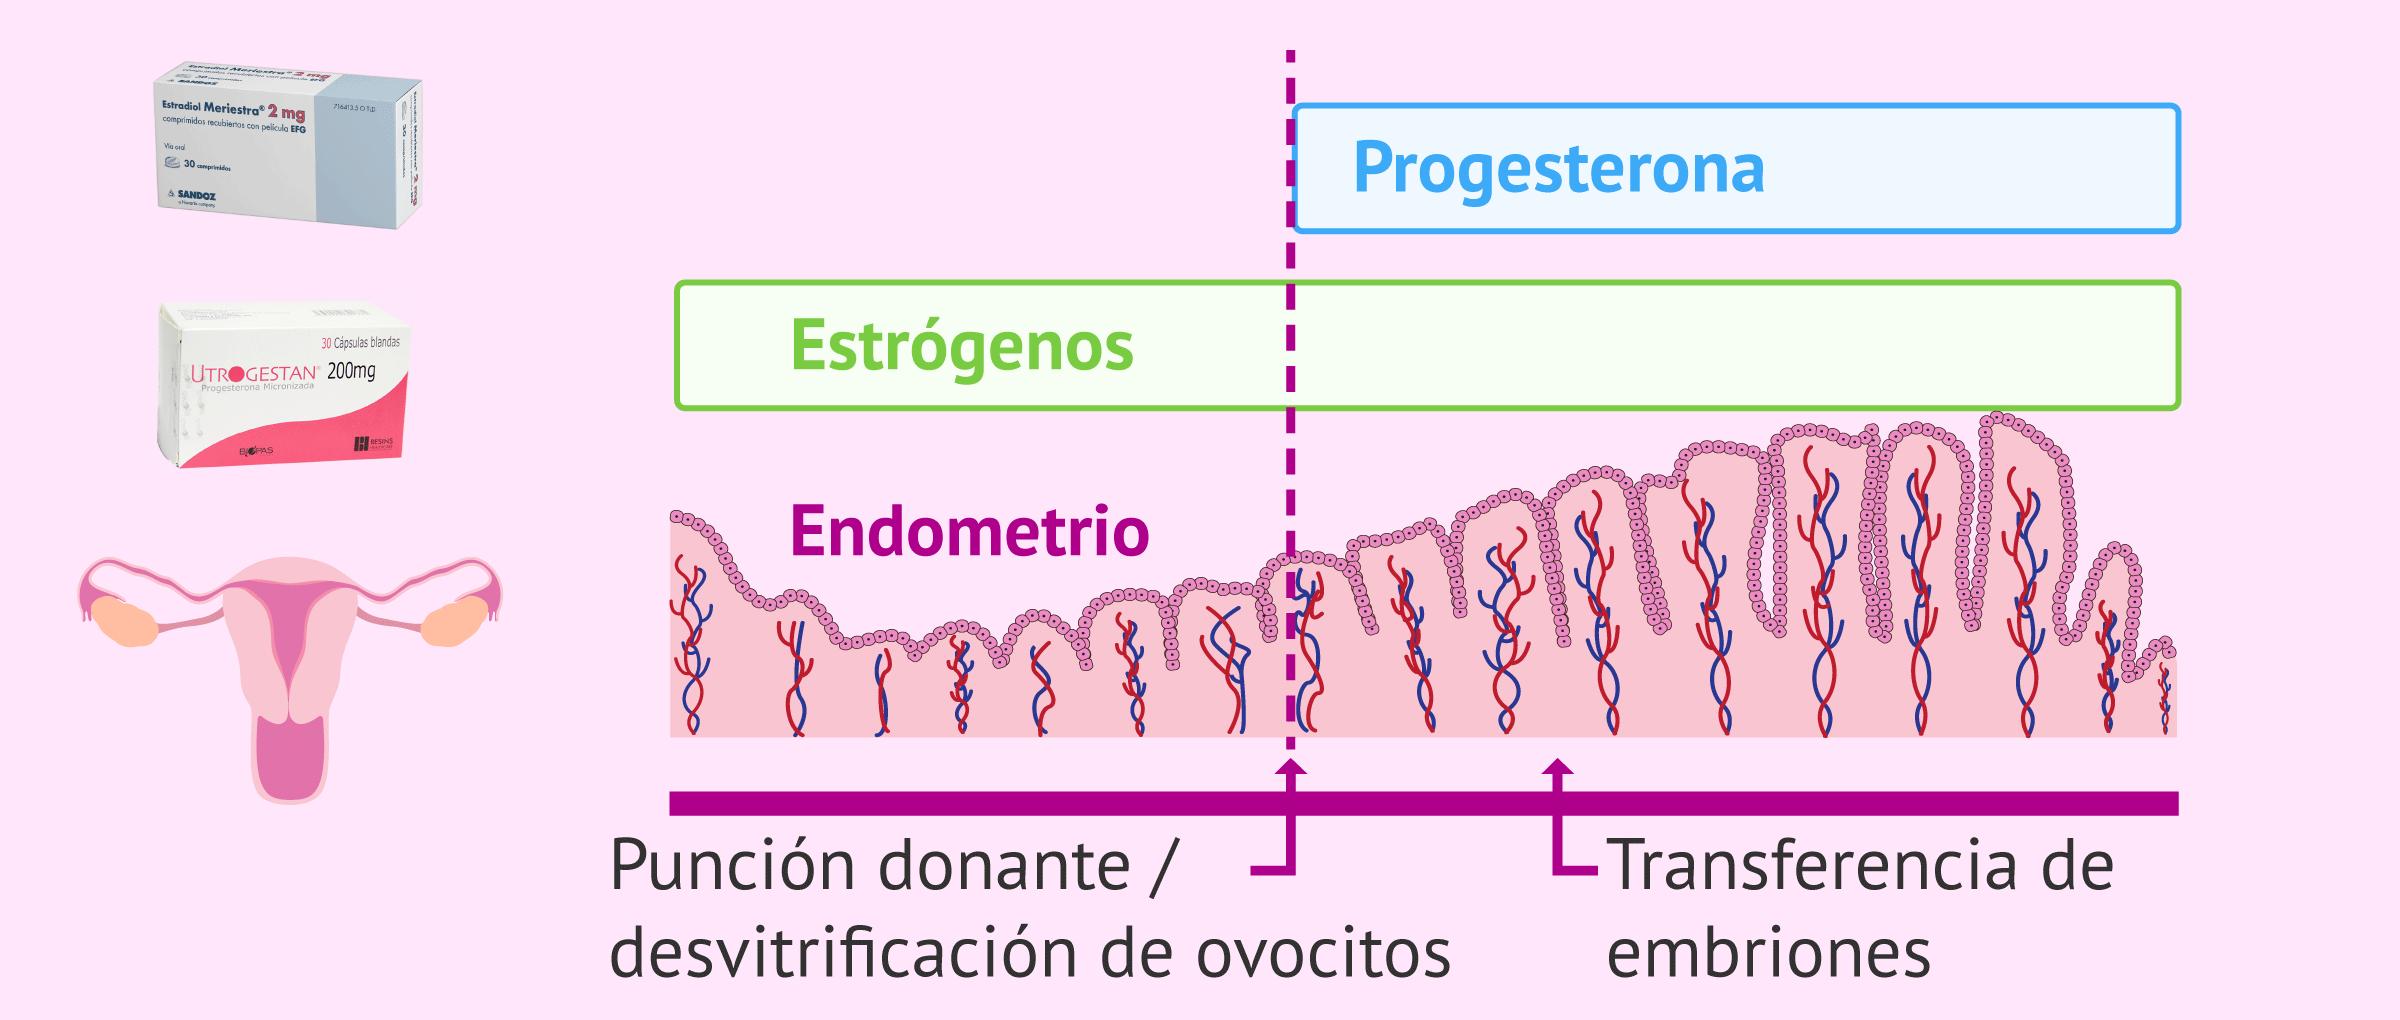 Medicación para la receptora de ovodonación: preparación del endometrio